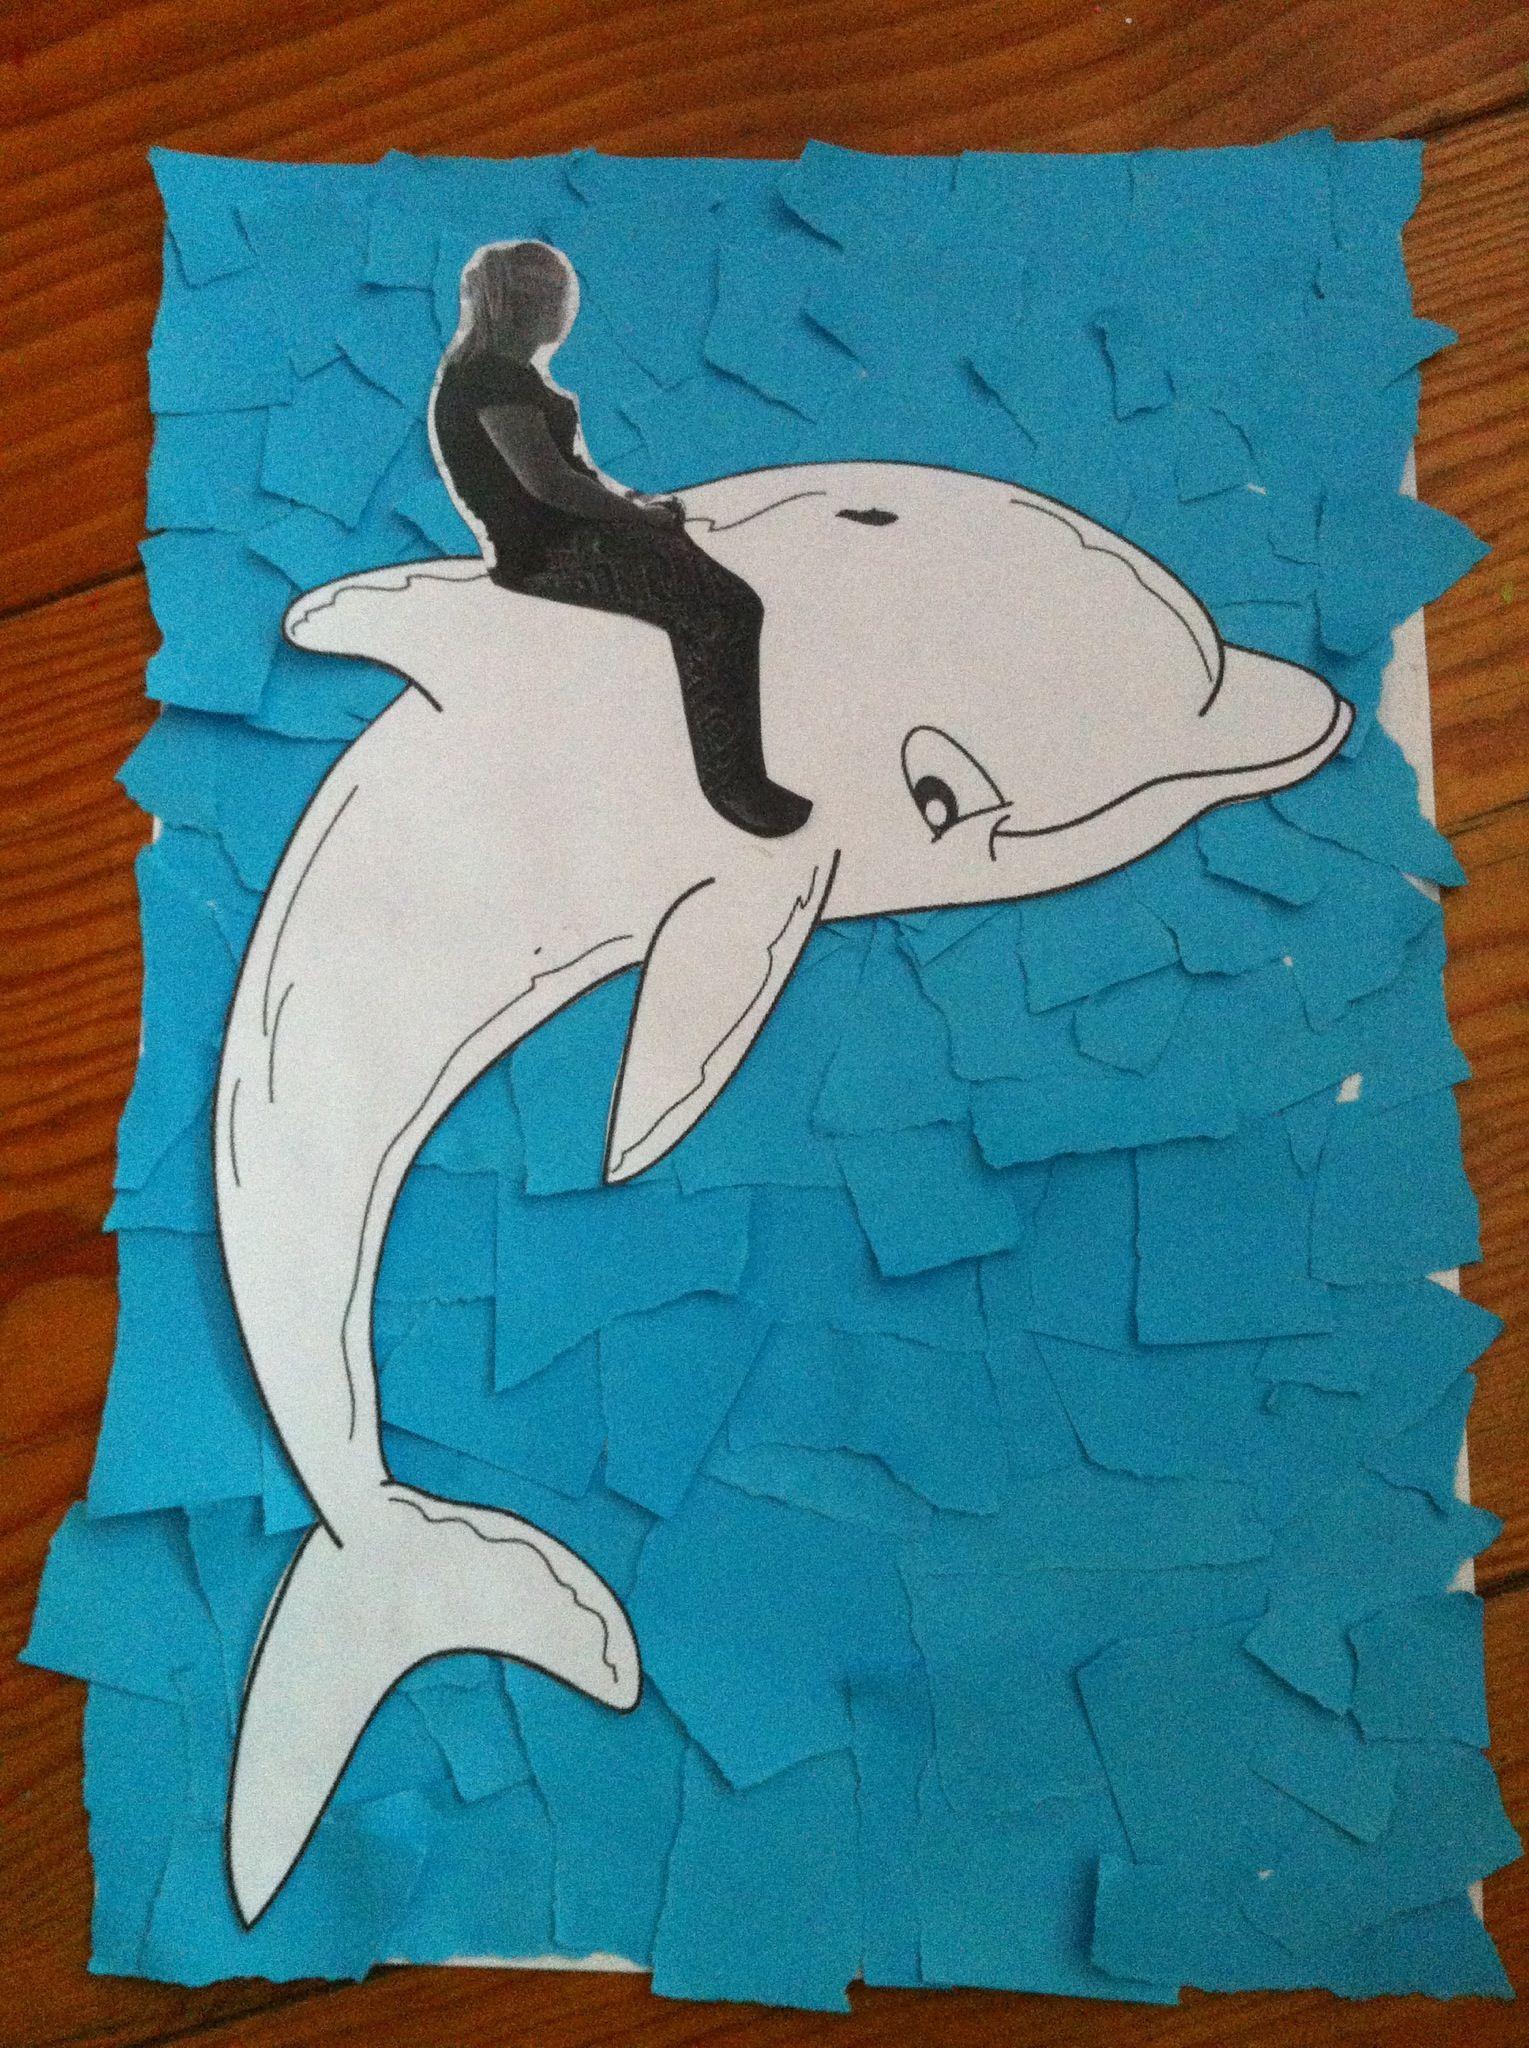 Maak Een Foto Van De Kinderen Dat Ze Op Een Bok Zitten Printen En Knippen En Plak Die Op De Dolfijn De Dolfijn Ka Dolfijnen Thema Fotografie Knutselen Kunst